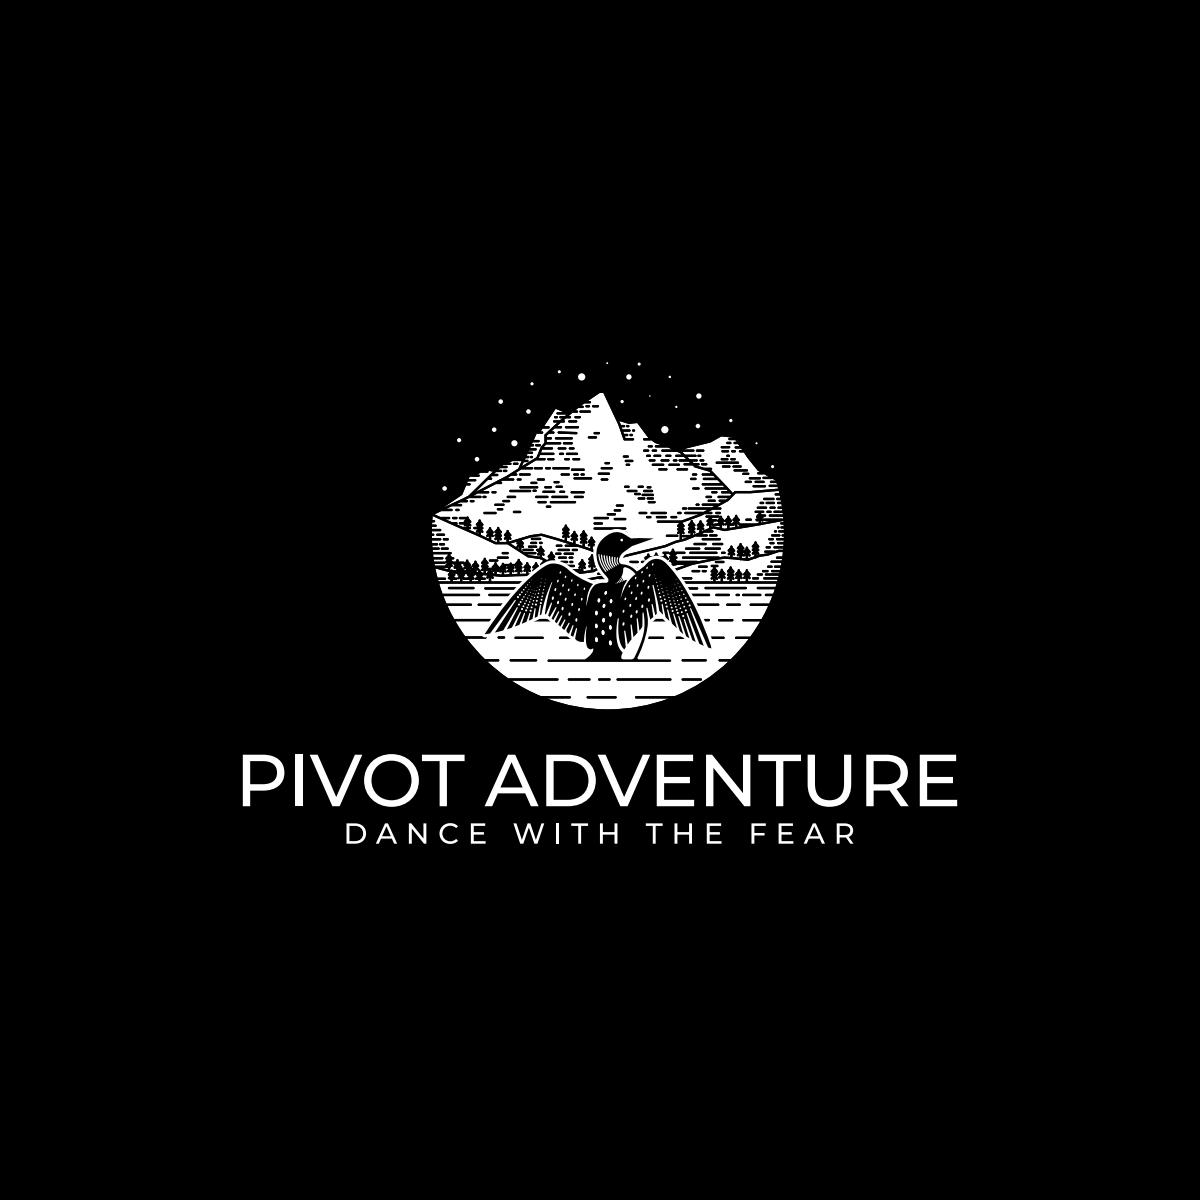 Pivot Adventure Co